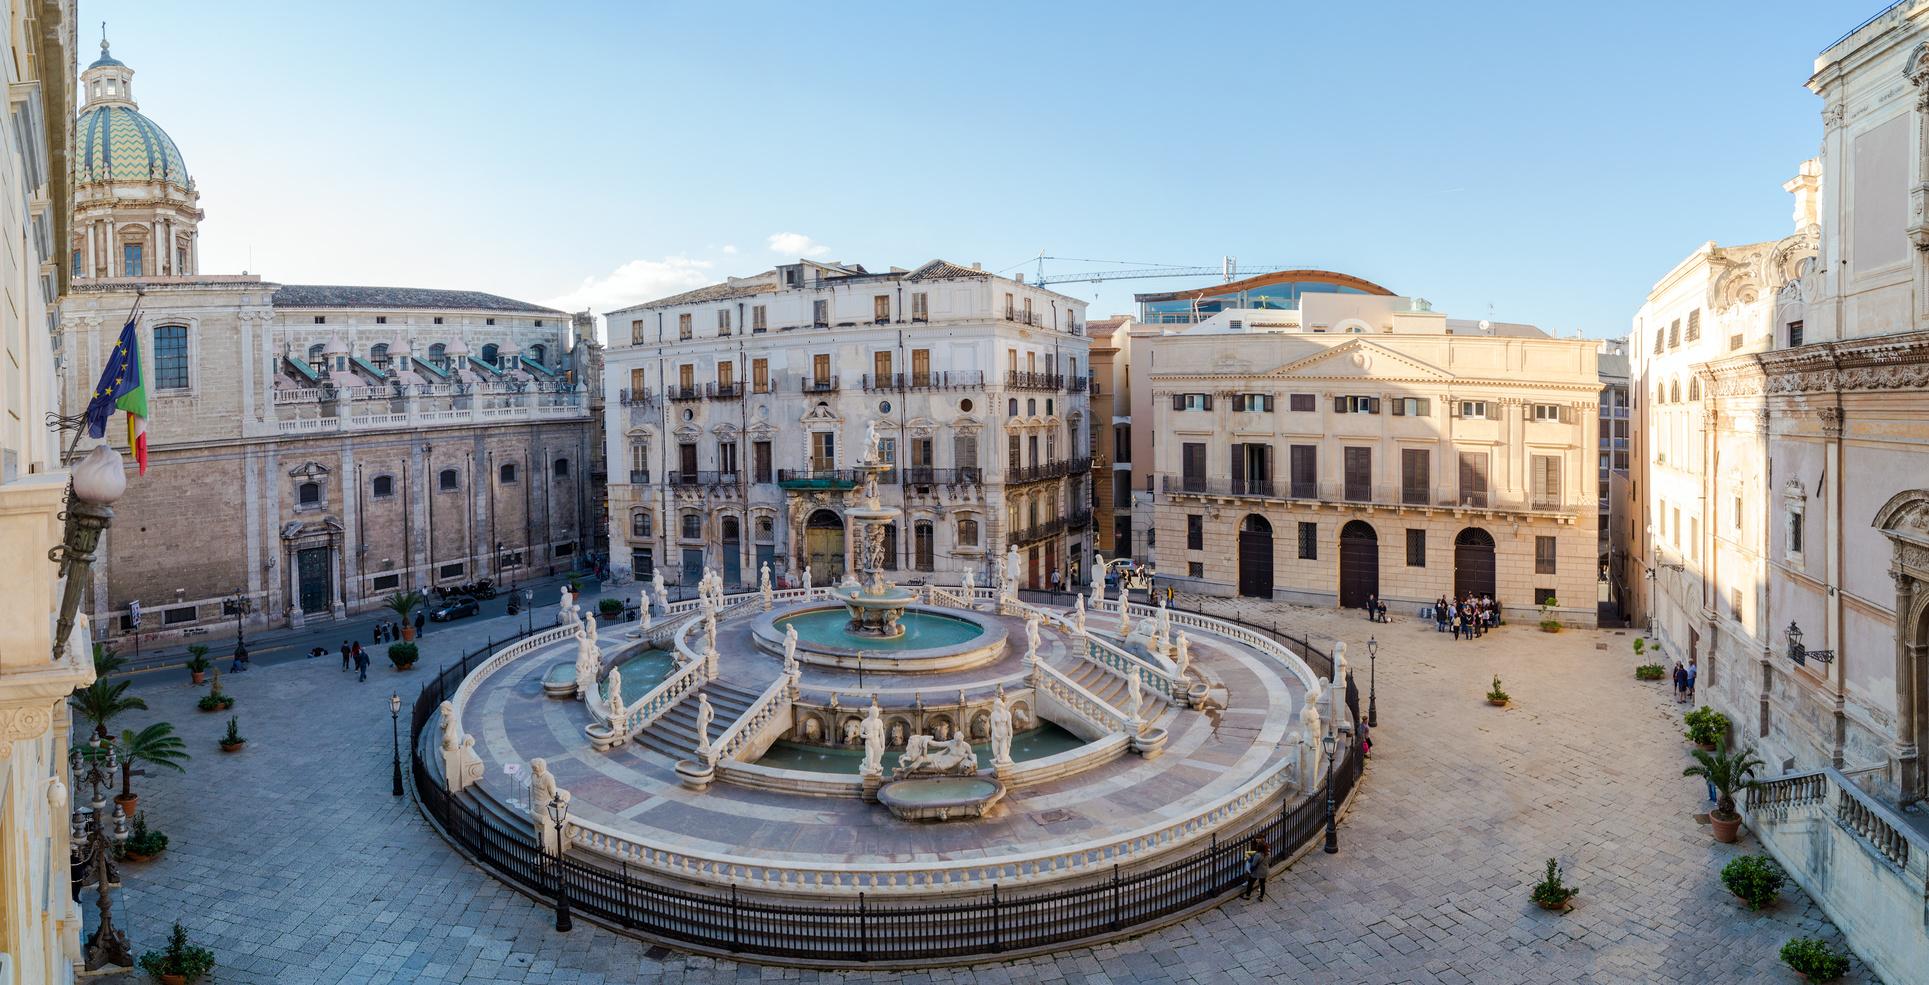 Palermo, Piazza della Vergogna